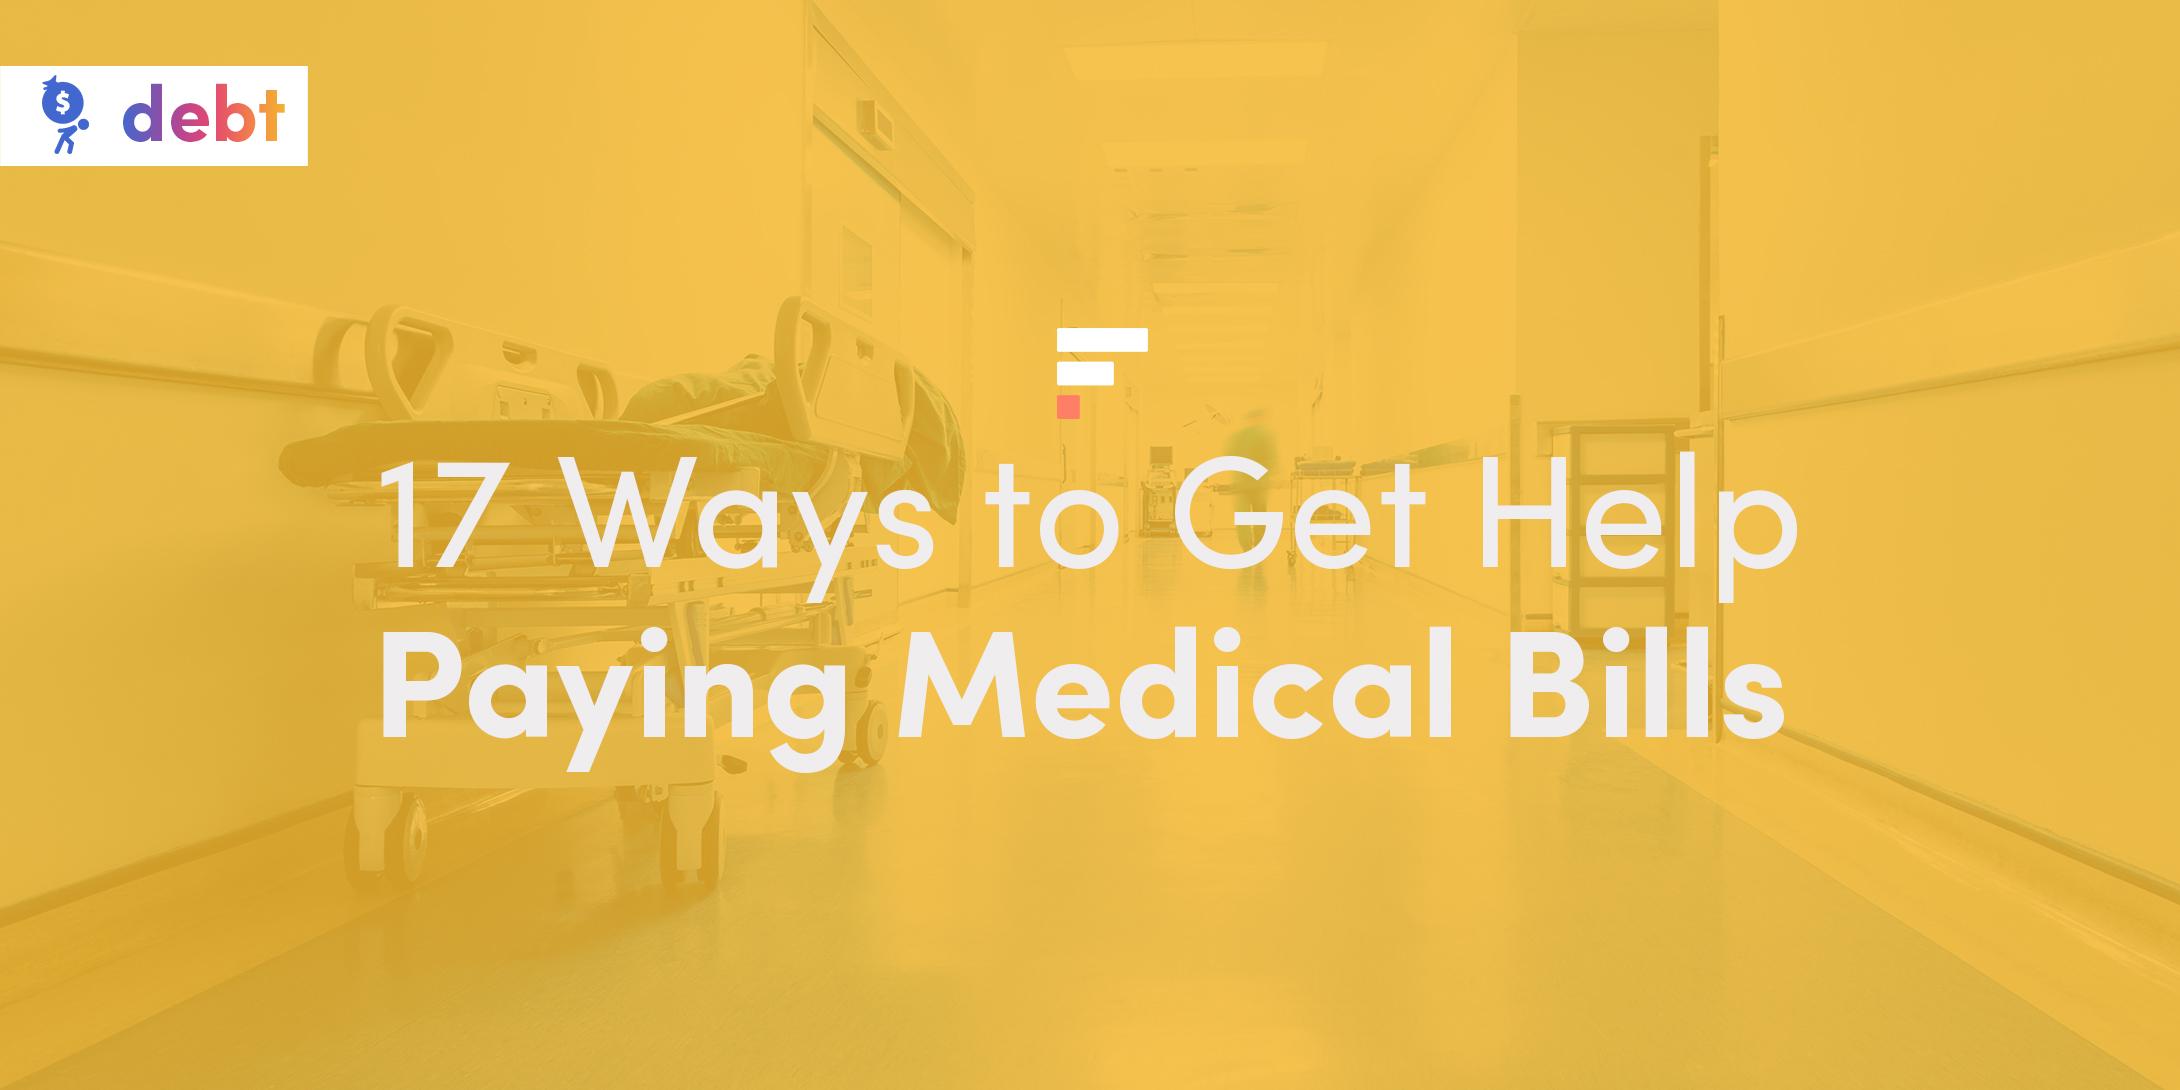 Get help paying medical bills